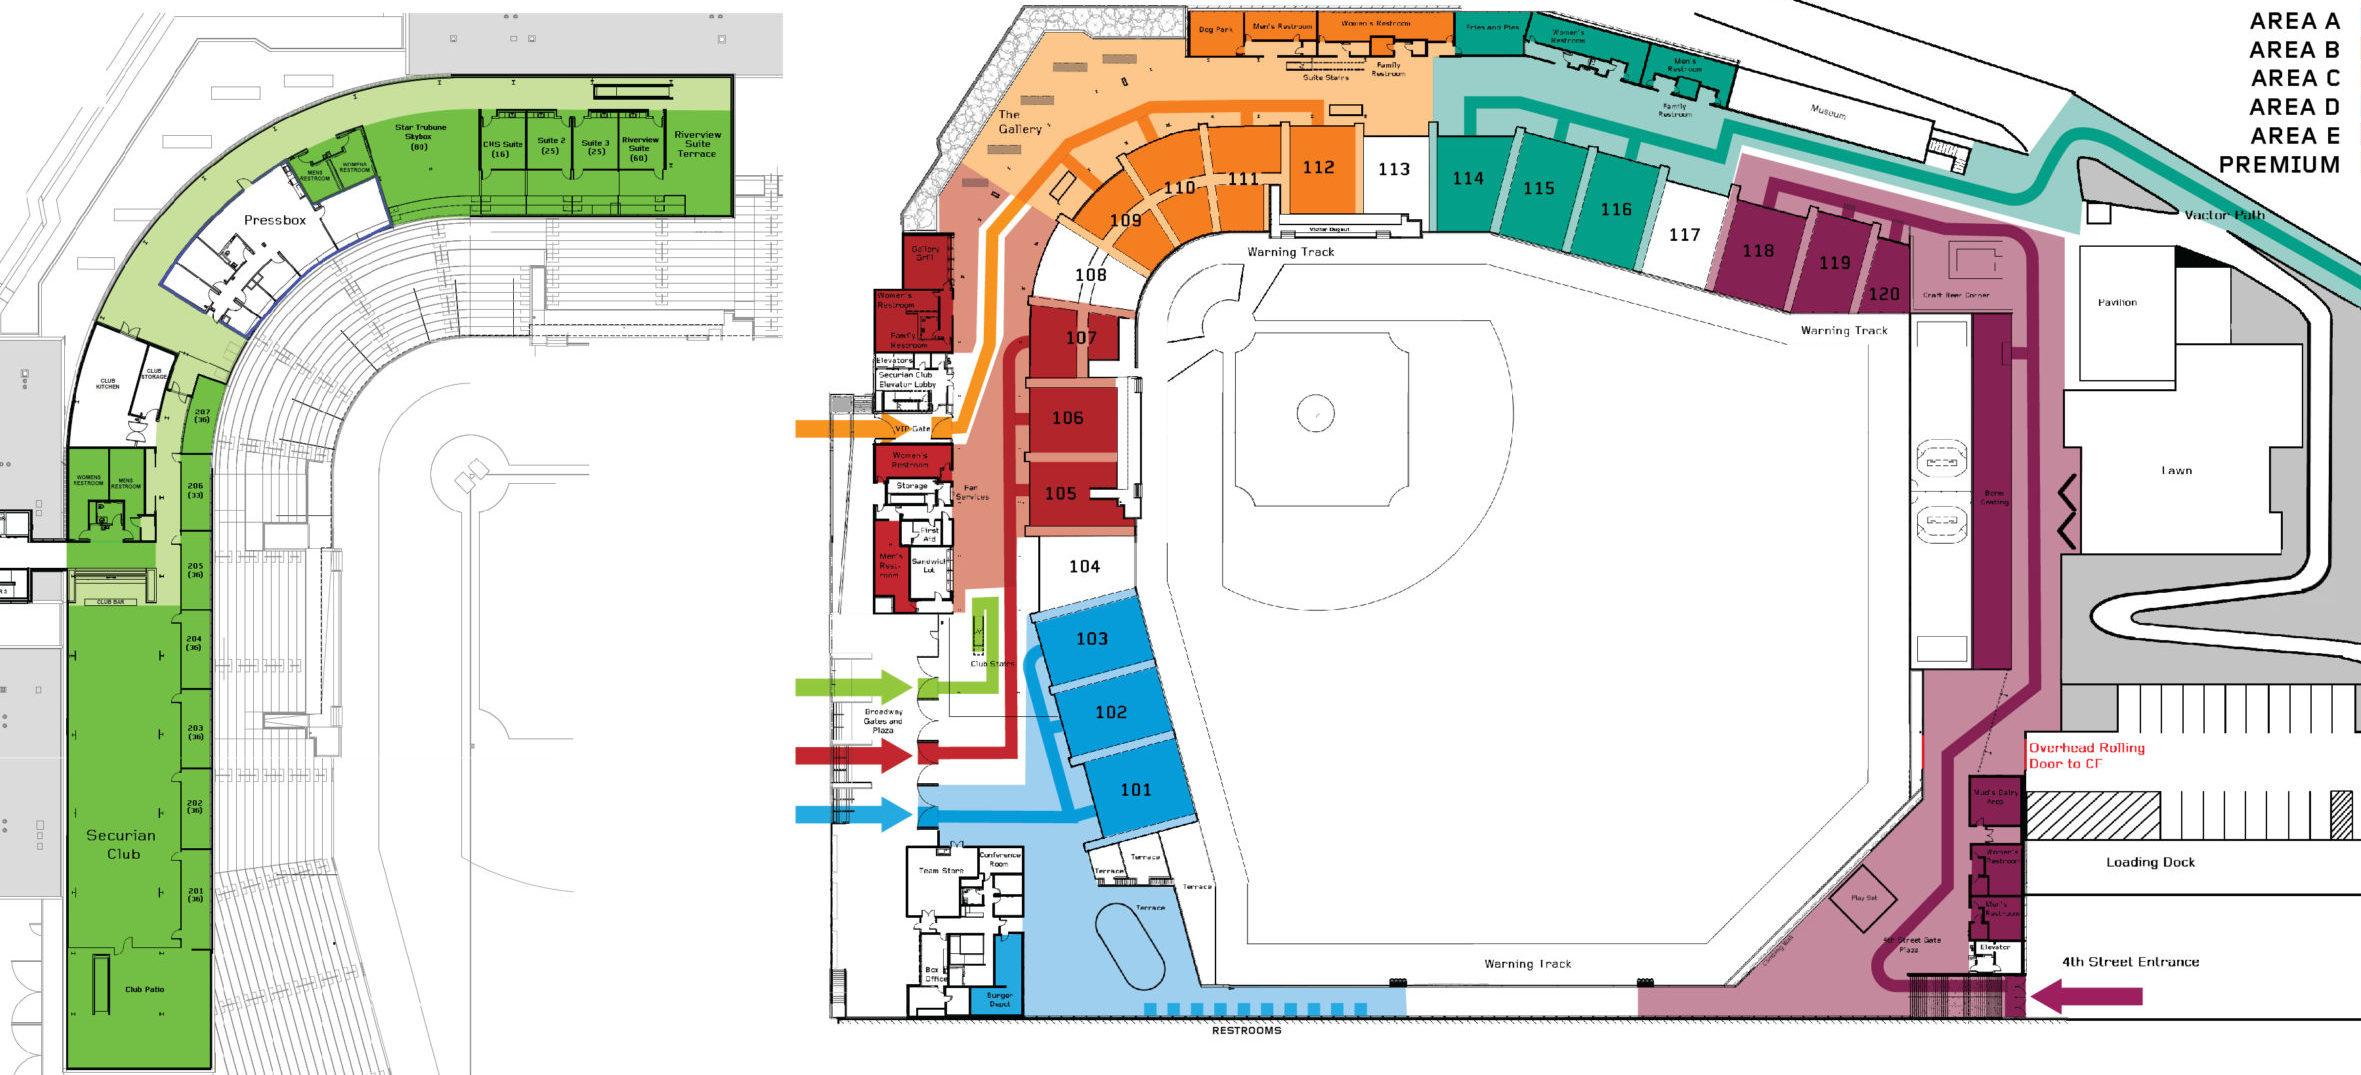 Chs Field Area Map 01